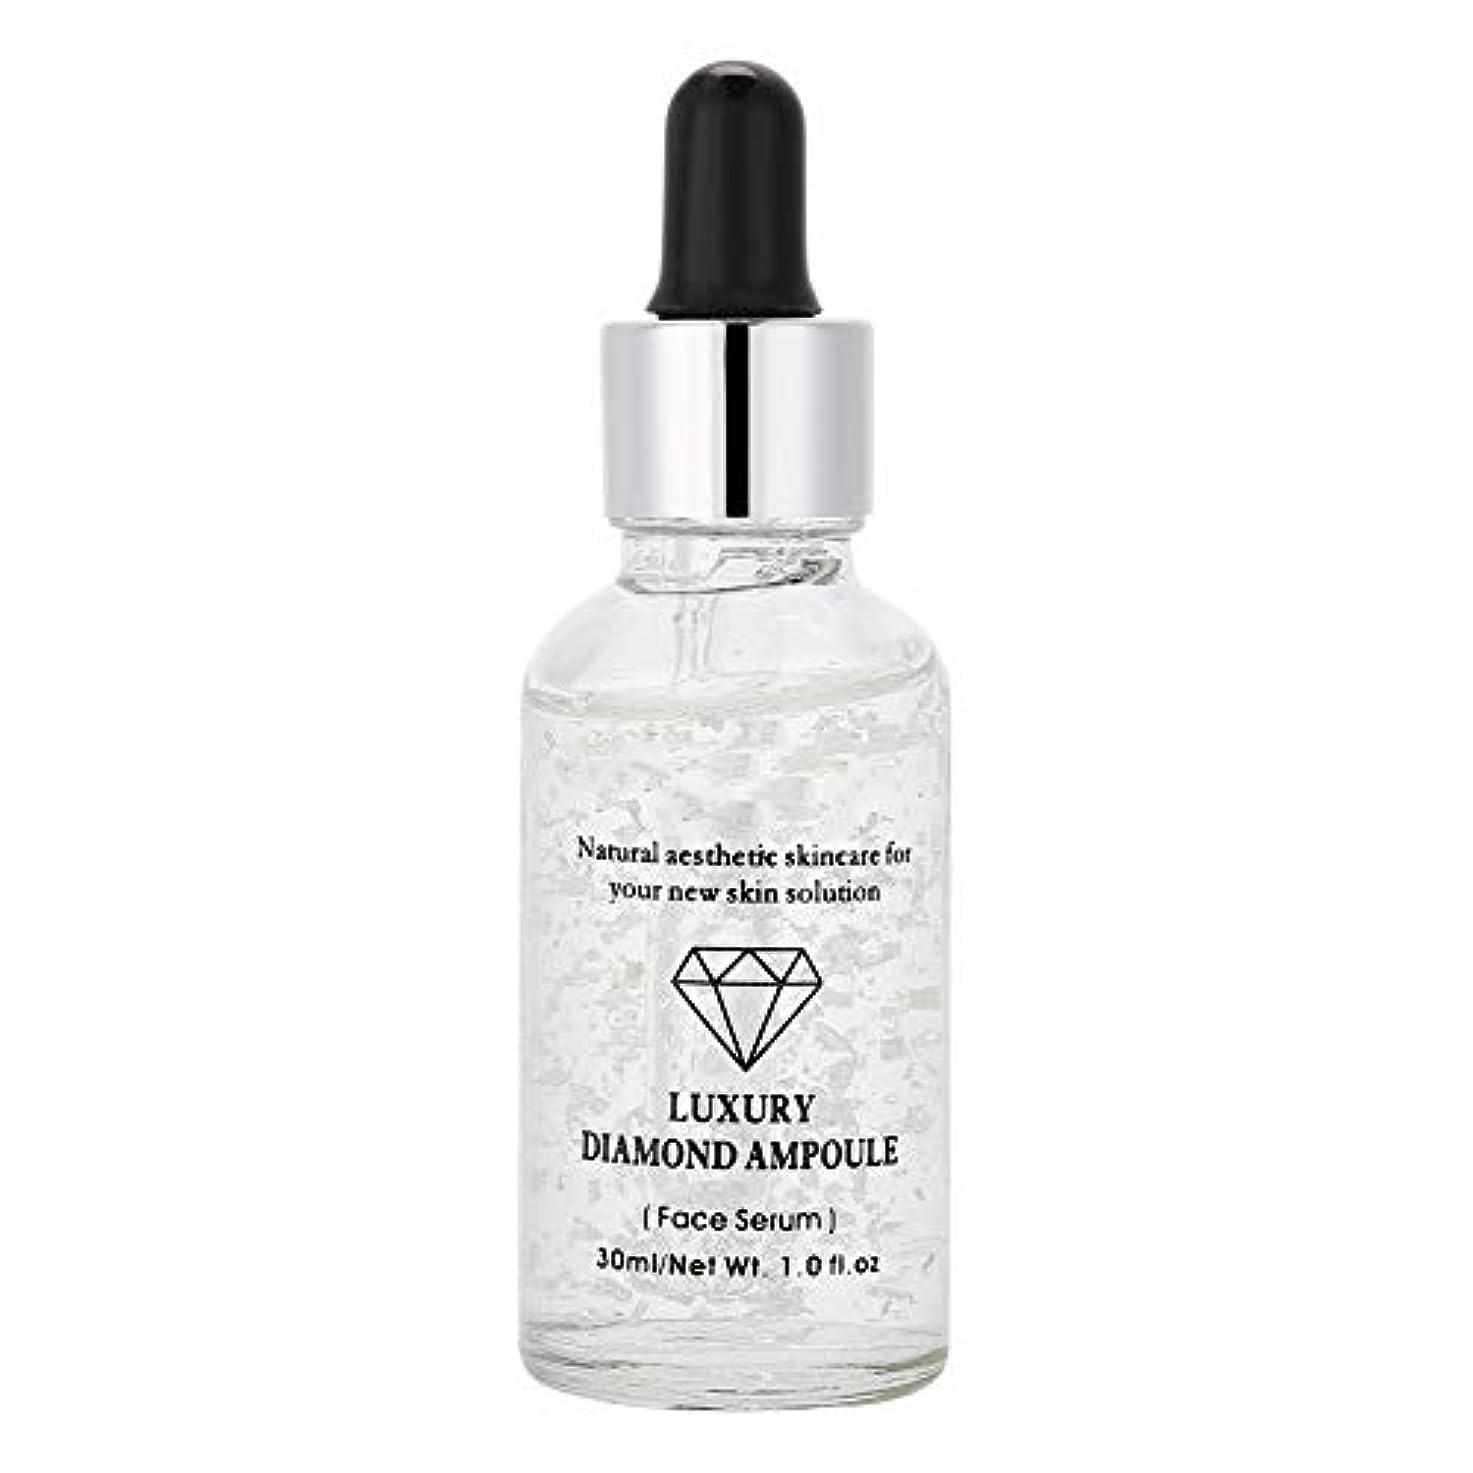 ボトルネック広々女優肌のリラクゼーションホワイトニングエッセンス、30mlスキンモイスチャライジングエッセンスファーミングローション肌のリラクゼーションビタミンCフェイスセラムで毛穴を縮小し、瑕疵を減らす